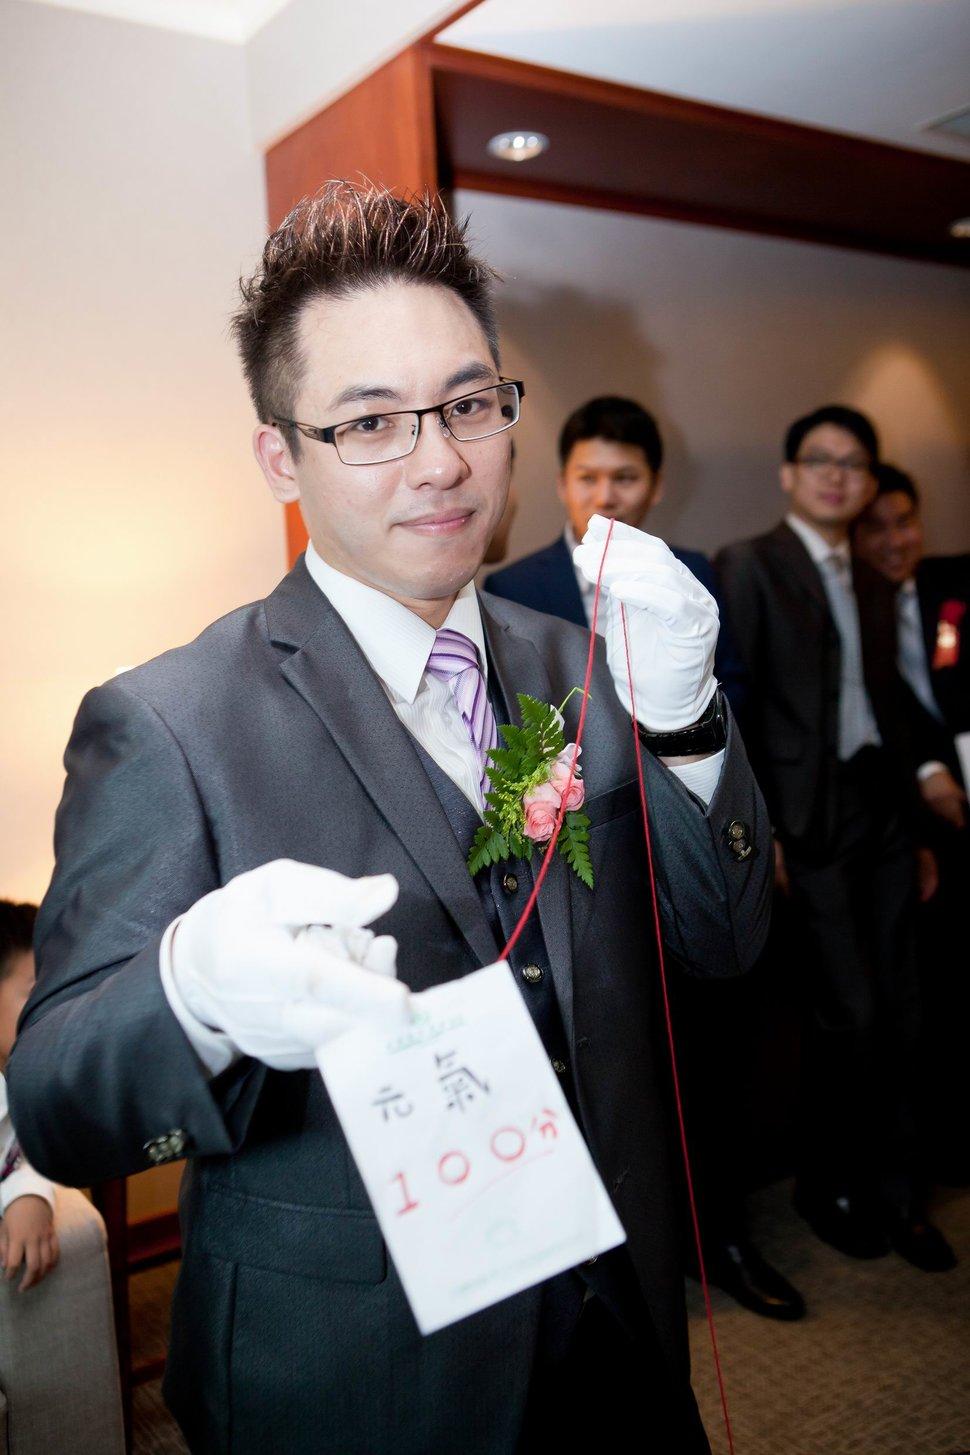 長榮桂冠酒店彭園會館婚禮記錄專業錄影平面攝影(編號:194921) - 蜜月拍照10800錄影12800攝影團隊 - 結婚吧